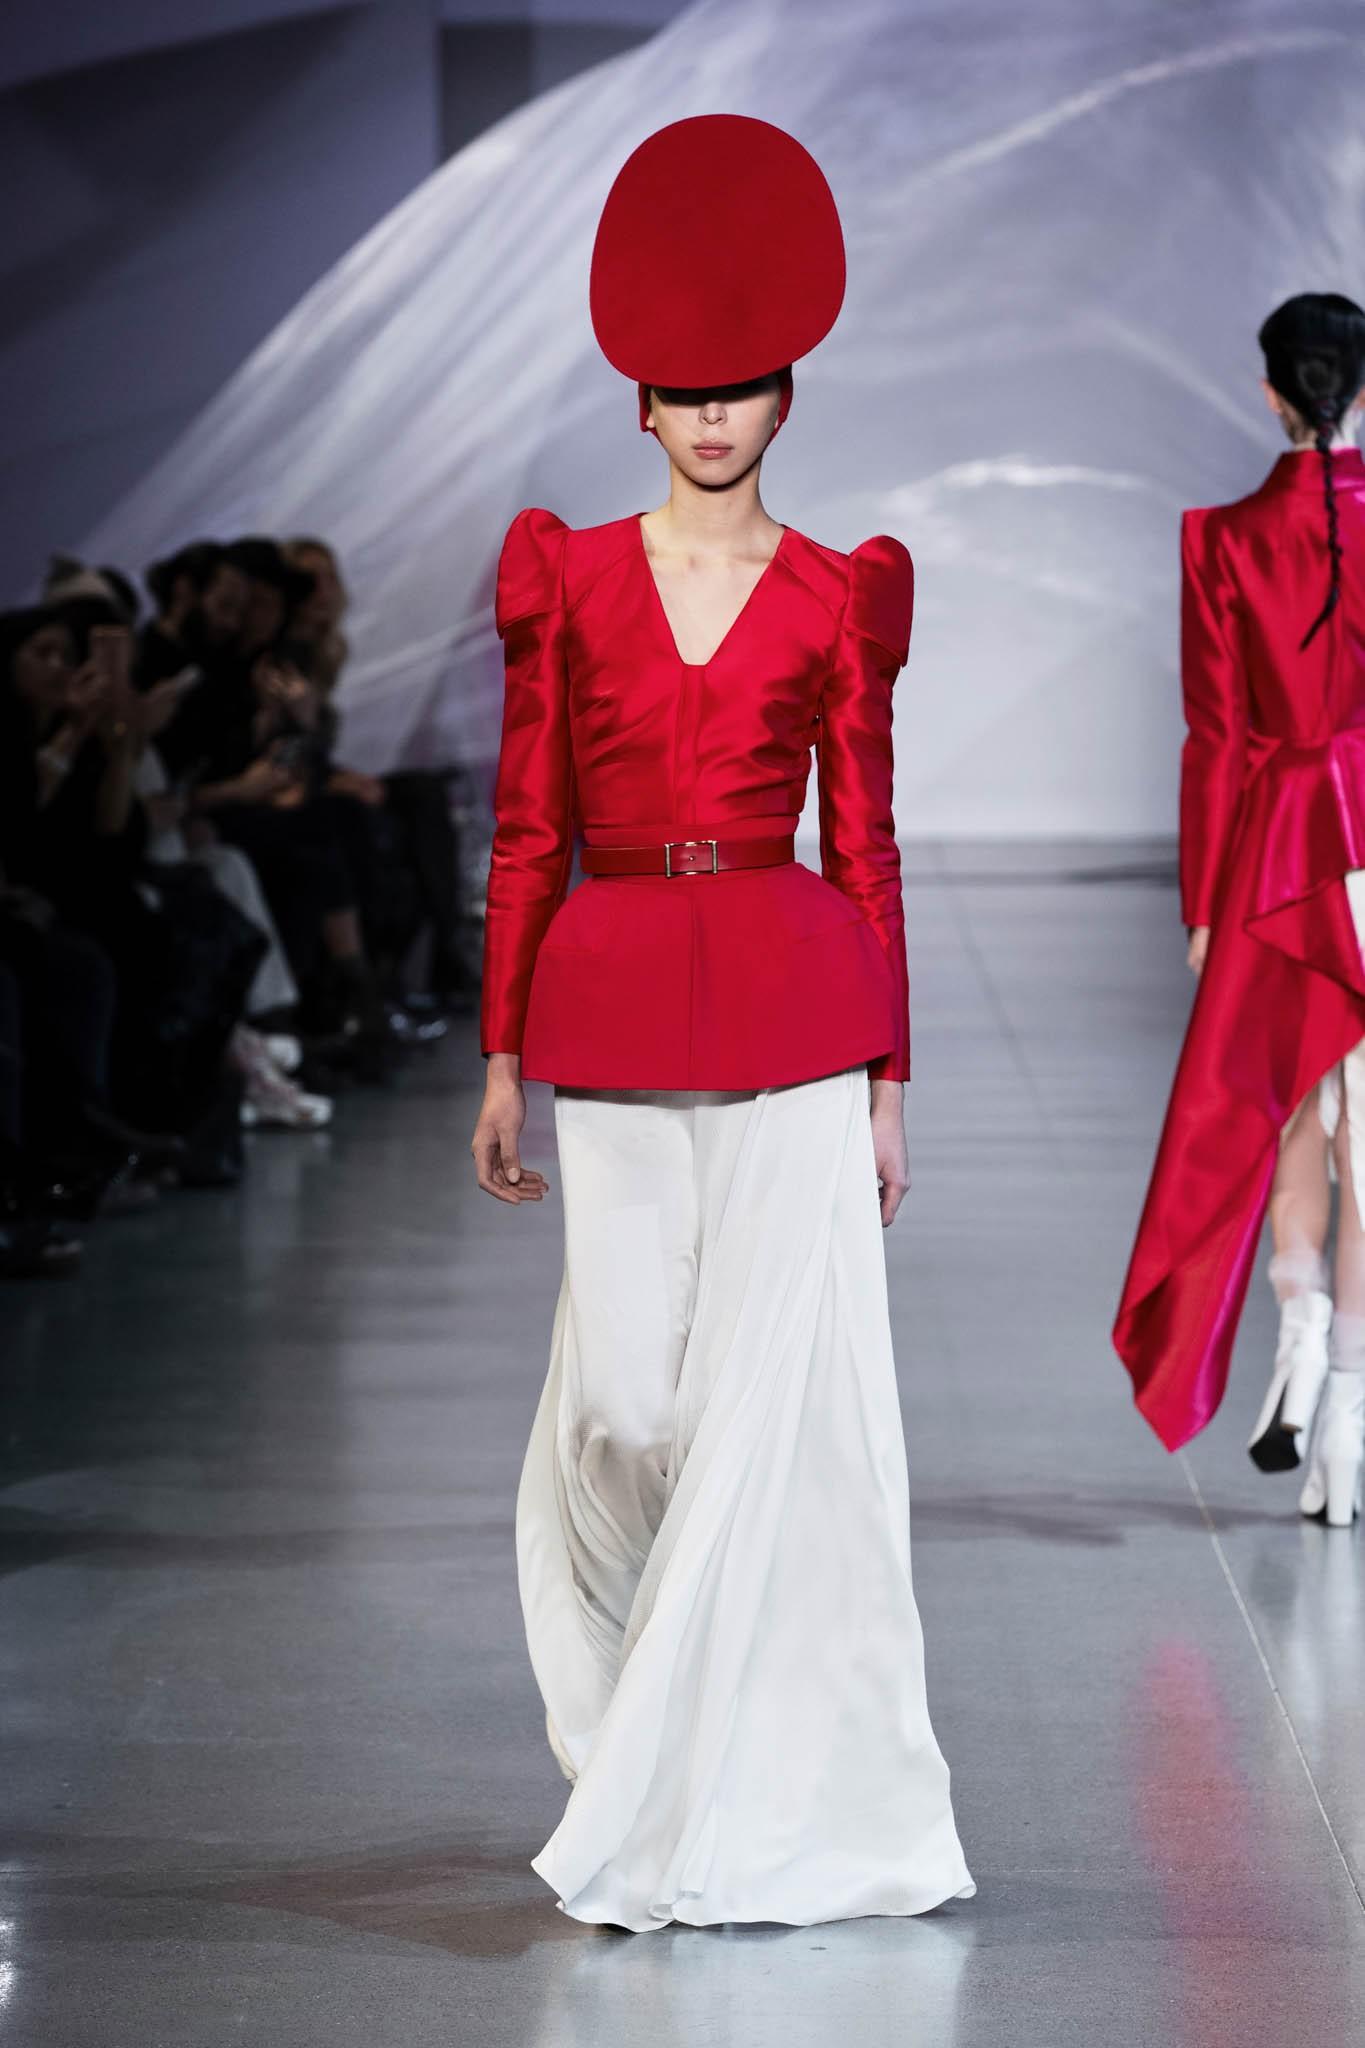 VOGUE Mỹ, VOGUE Tây Ban Nha và hàng loạt tạp chí thời trang thế giới đồng loạt đưa tin về show diễn PHUONG MY tại NYFW - Ảnh 11.